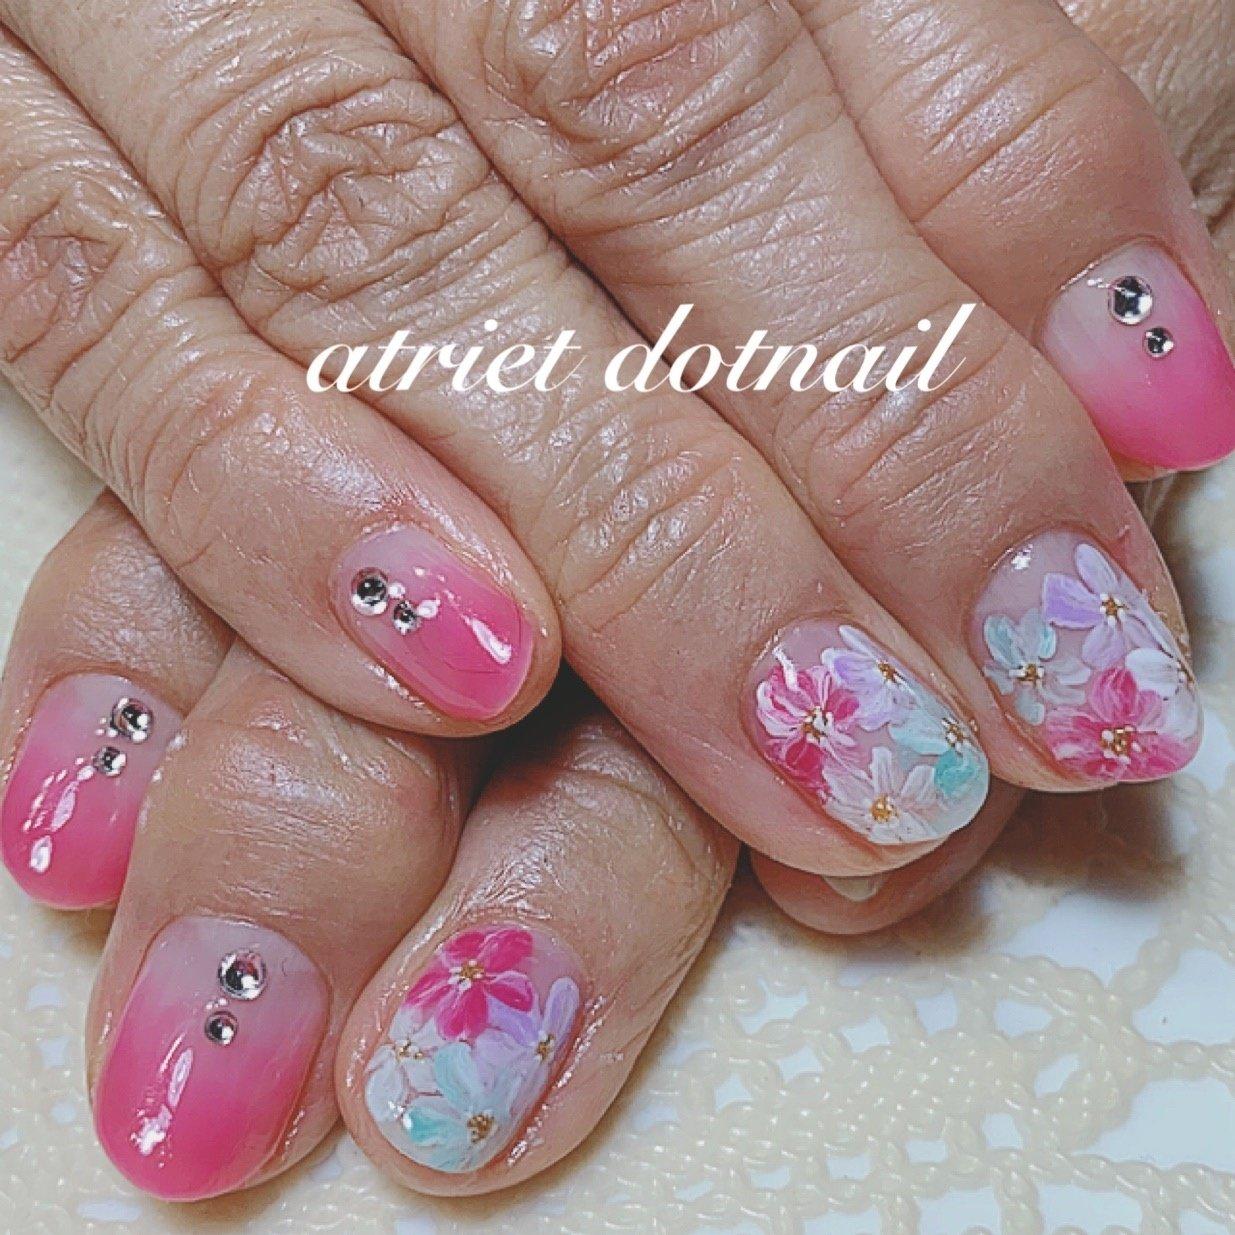 春ネイルですねぇ パープル ホワイト ピンク ブルーのお花 お爪いっぱいに! #春 #オールシーズン #デート #女子会 #ハンド #グラデーション #フラワー #ショート #ホワイト #ピンク #パープル #ジェル #お客様 #1971Hana #ネイルブック